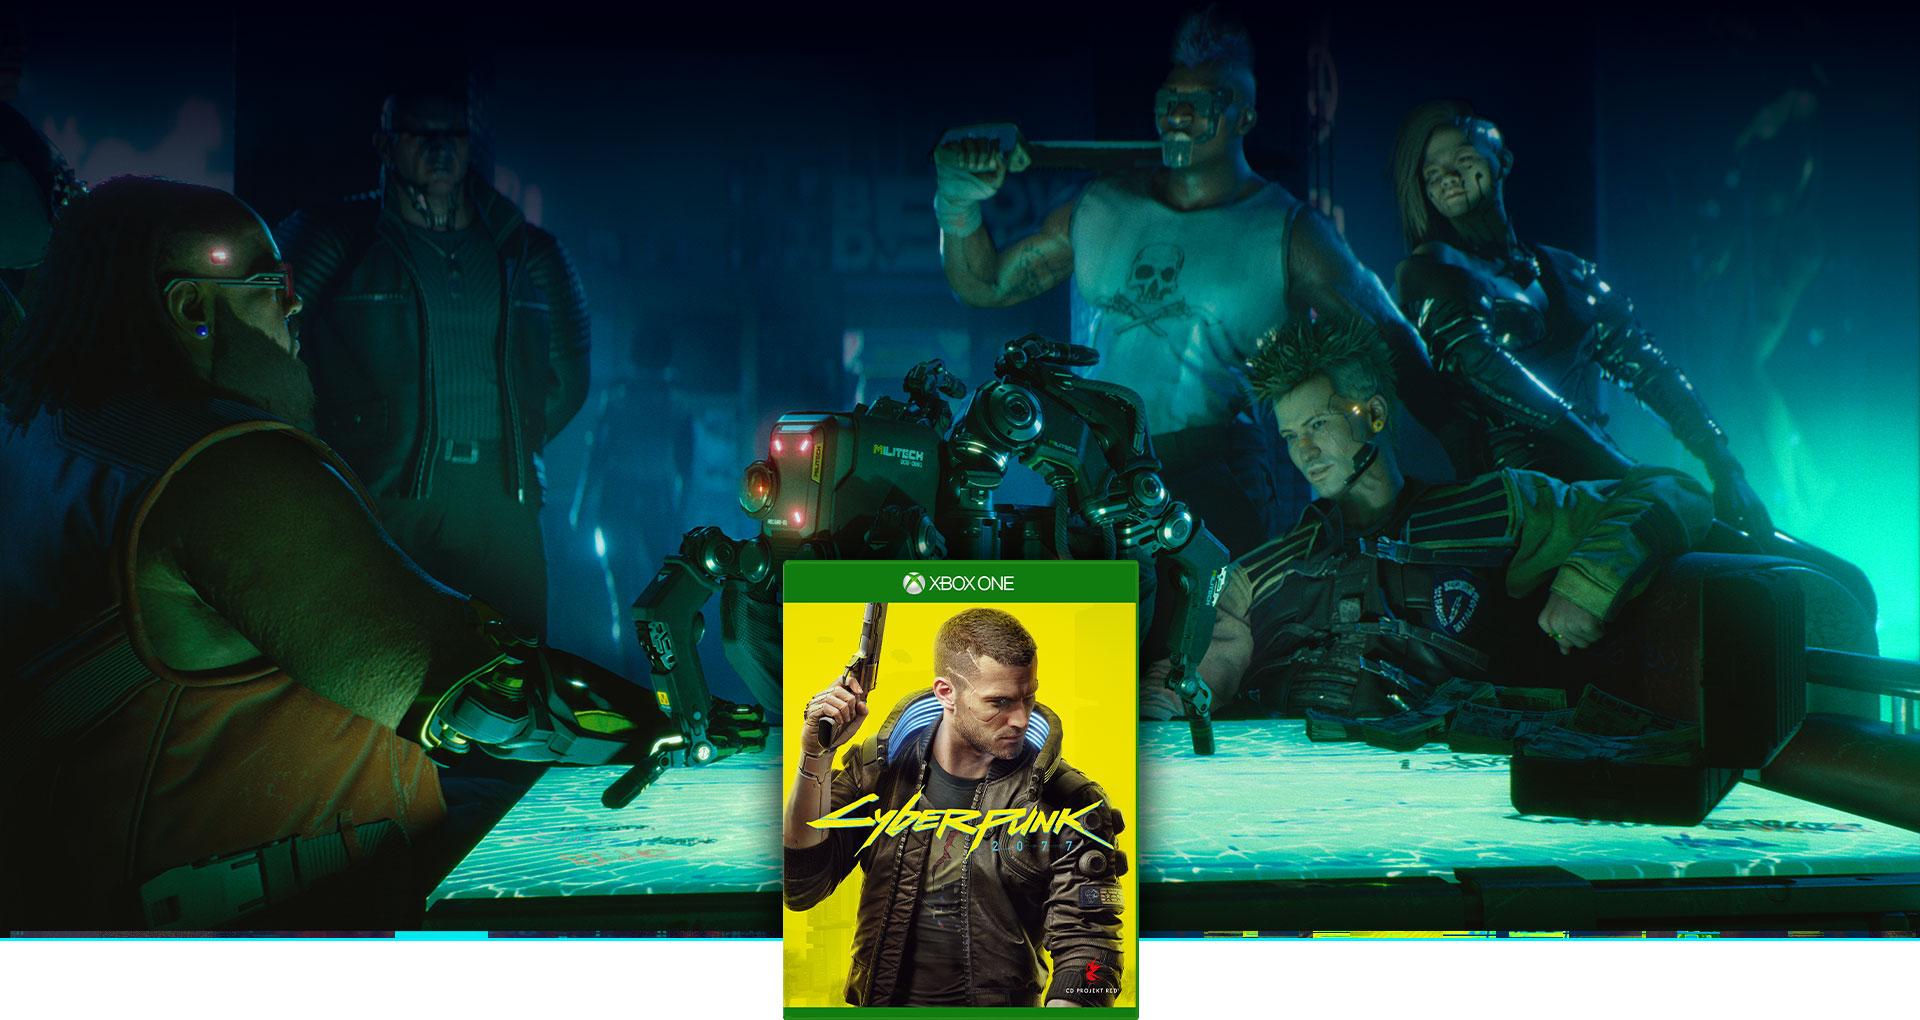 Boîtier de Cyberpunk2077 avec, en arrière-plan, un groupe d'humains cybernétiques qui regardent un drone-araignée sur une table